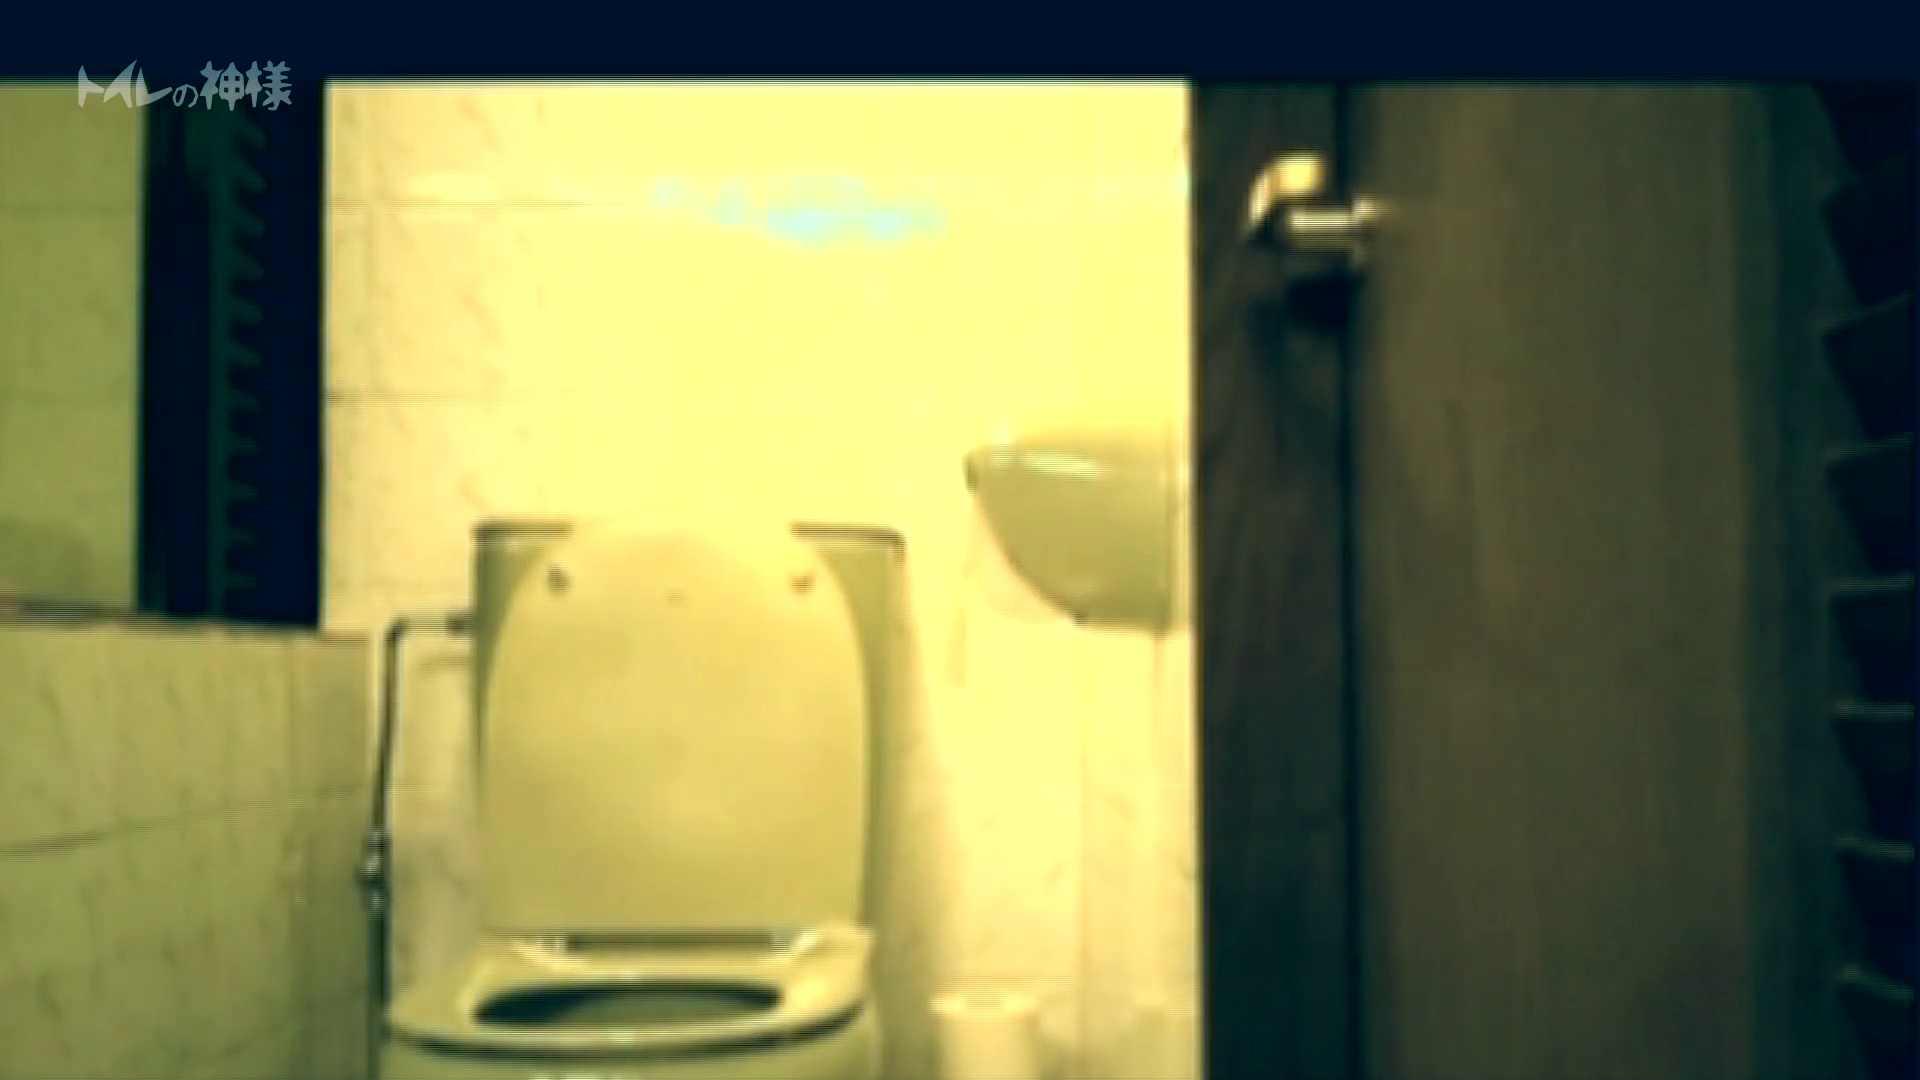 トイレの神様 Vol.01 花の女子大生うんこ盗撮1 Hな女子大生 のぞき動画キャプチャ 96pic 54